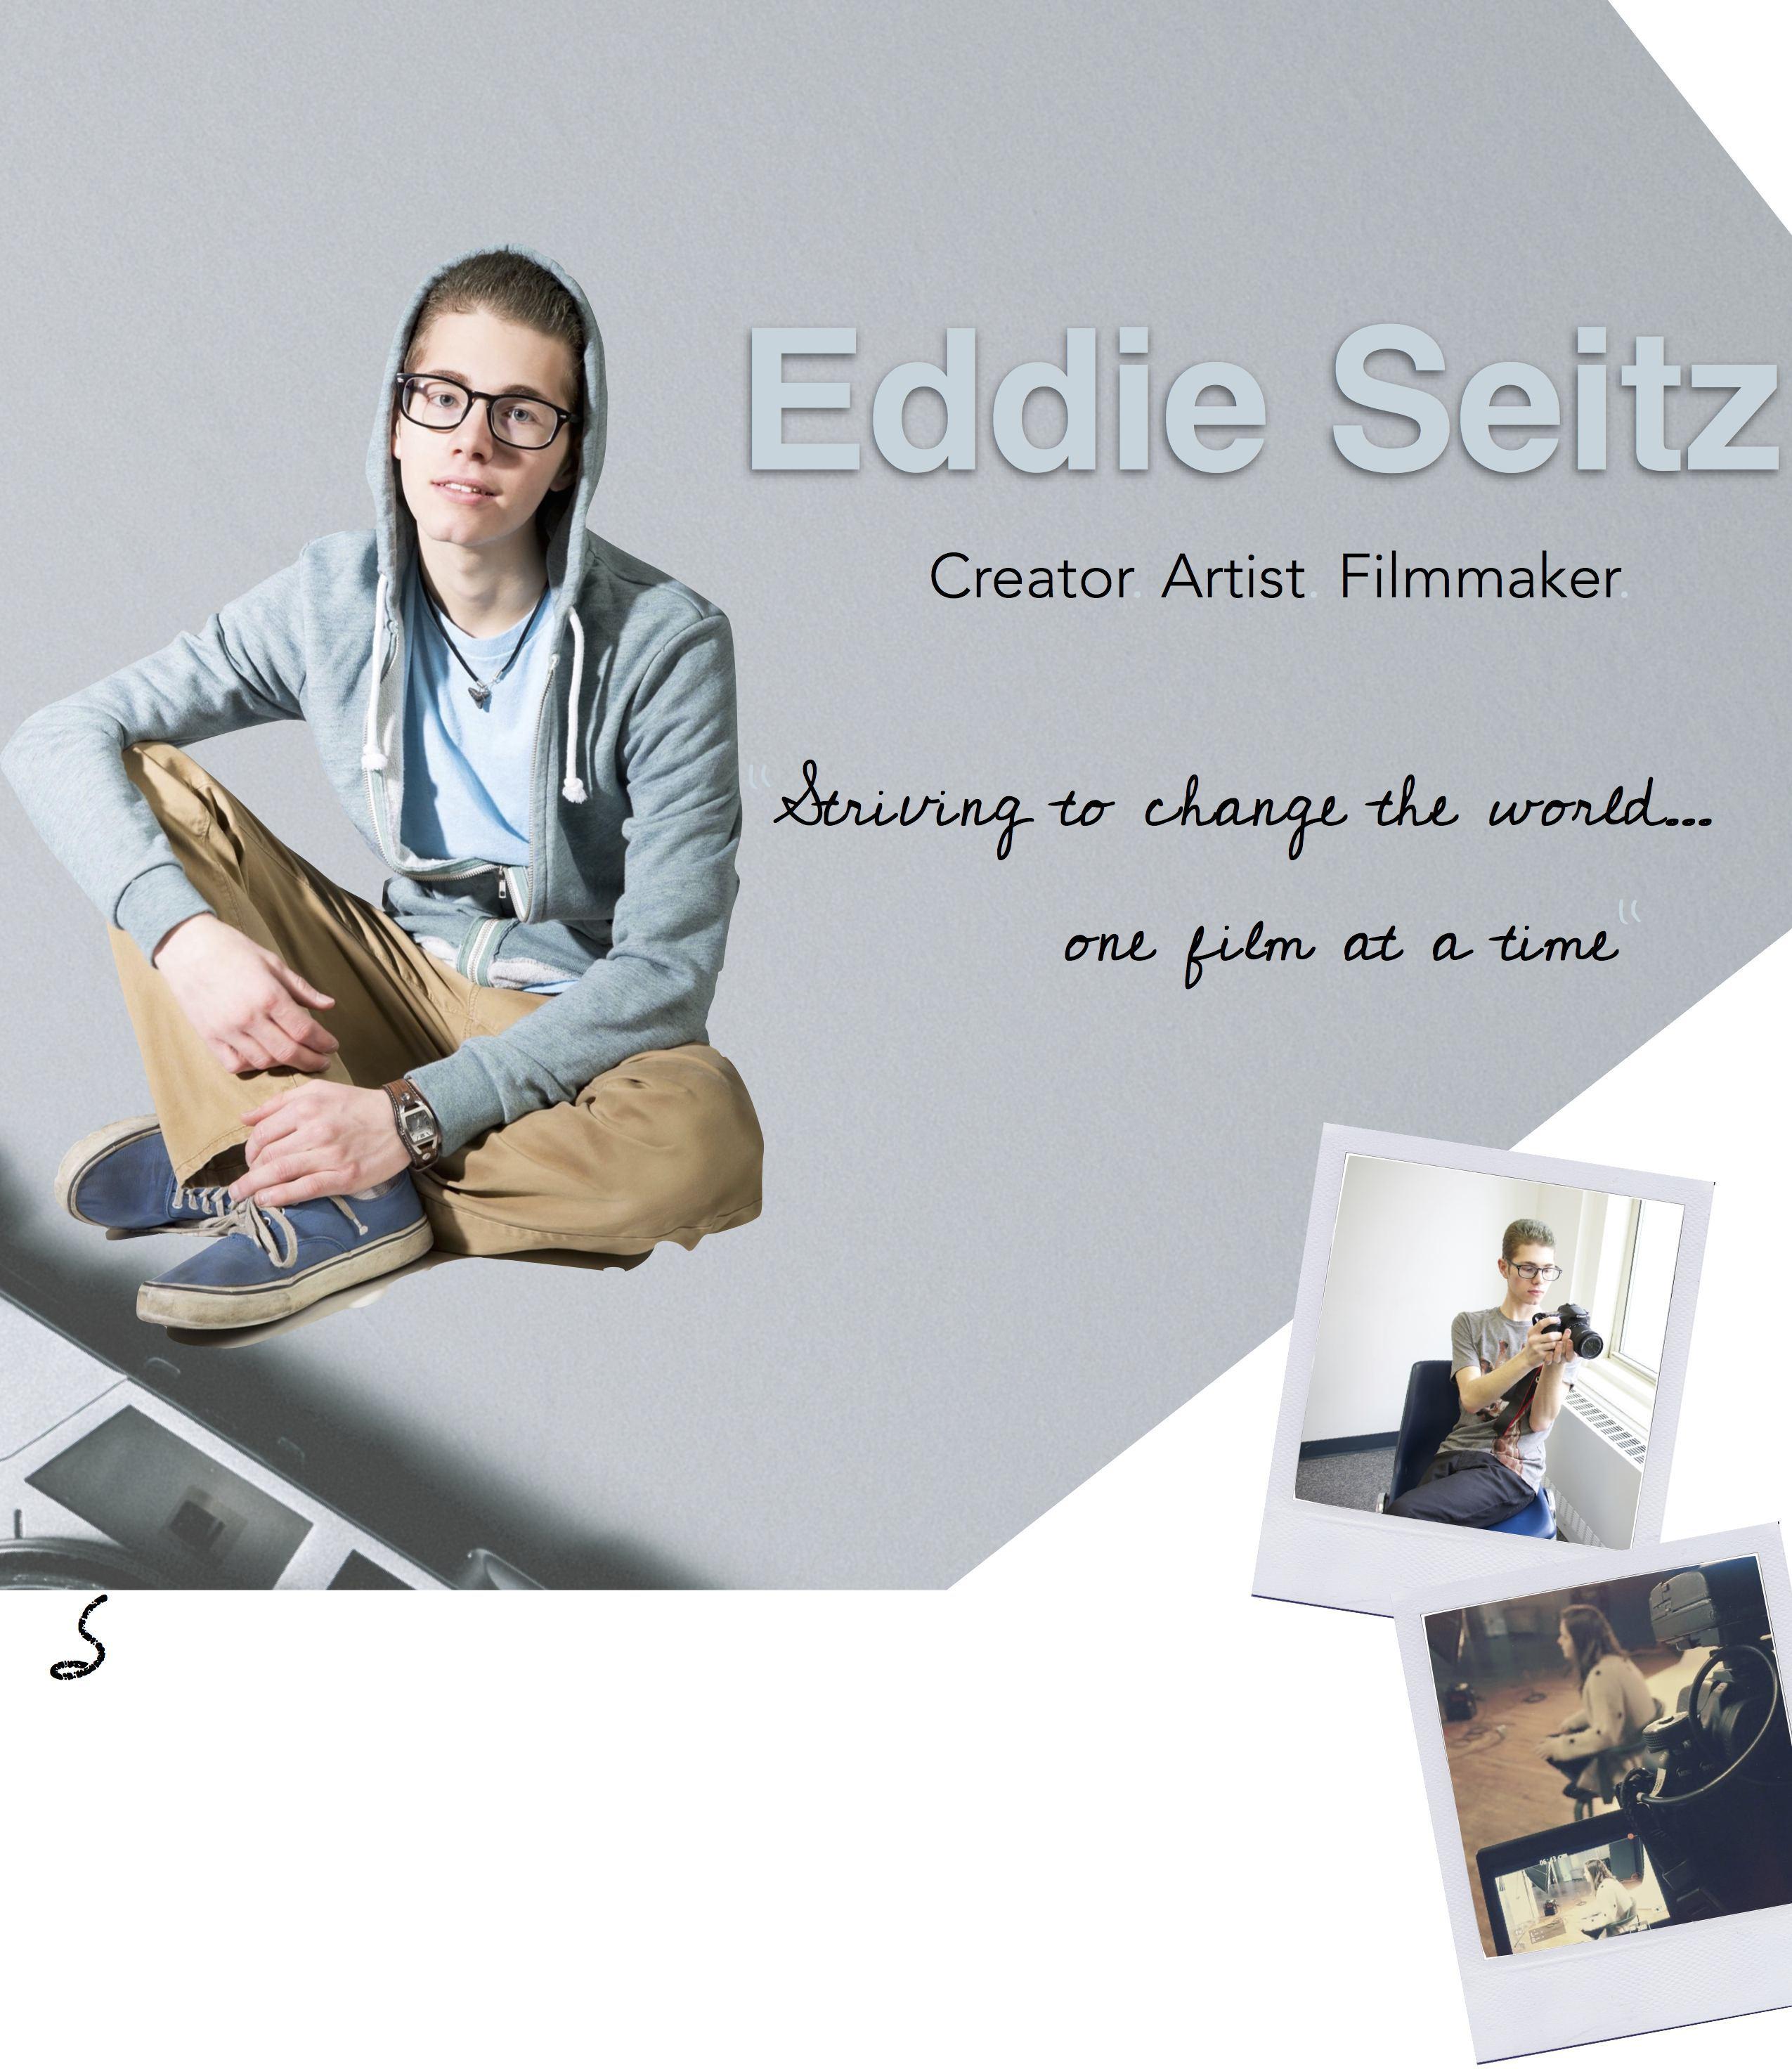 eddie seitz filmmaker